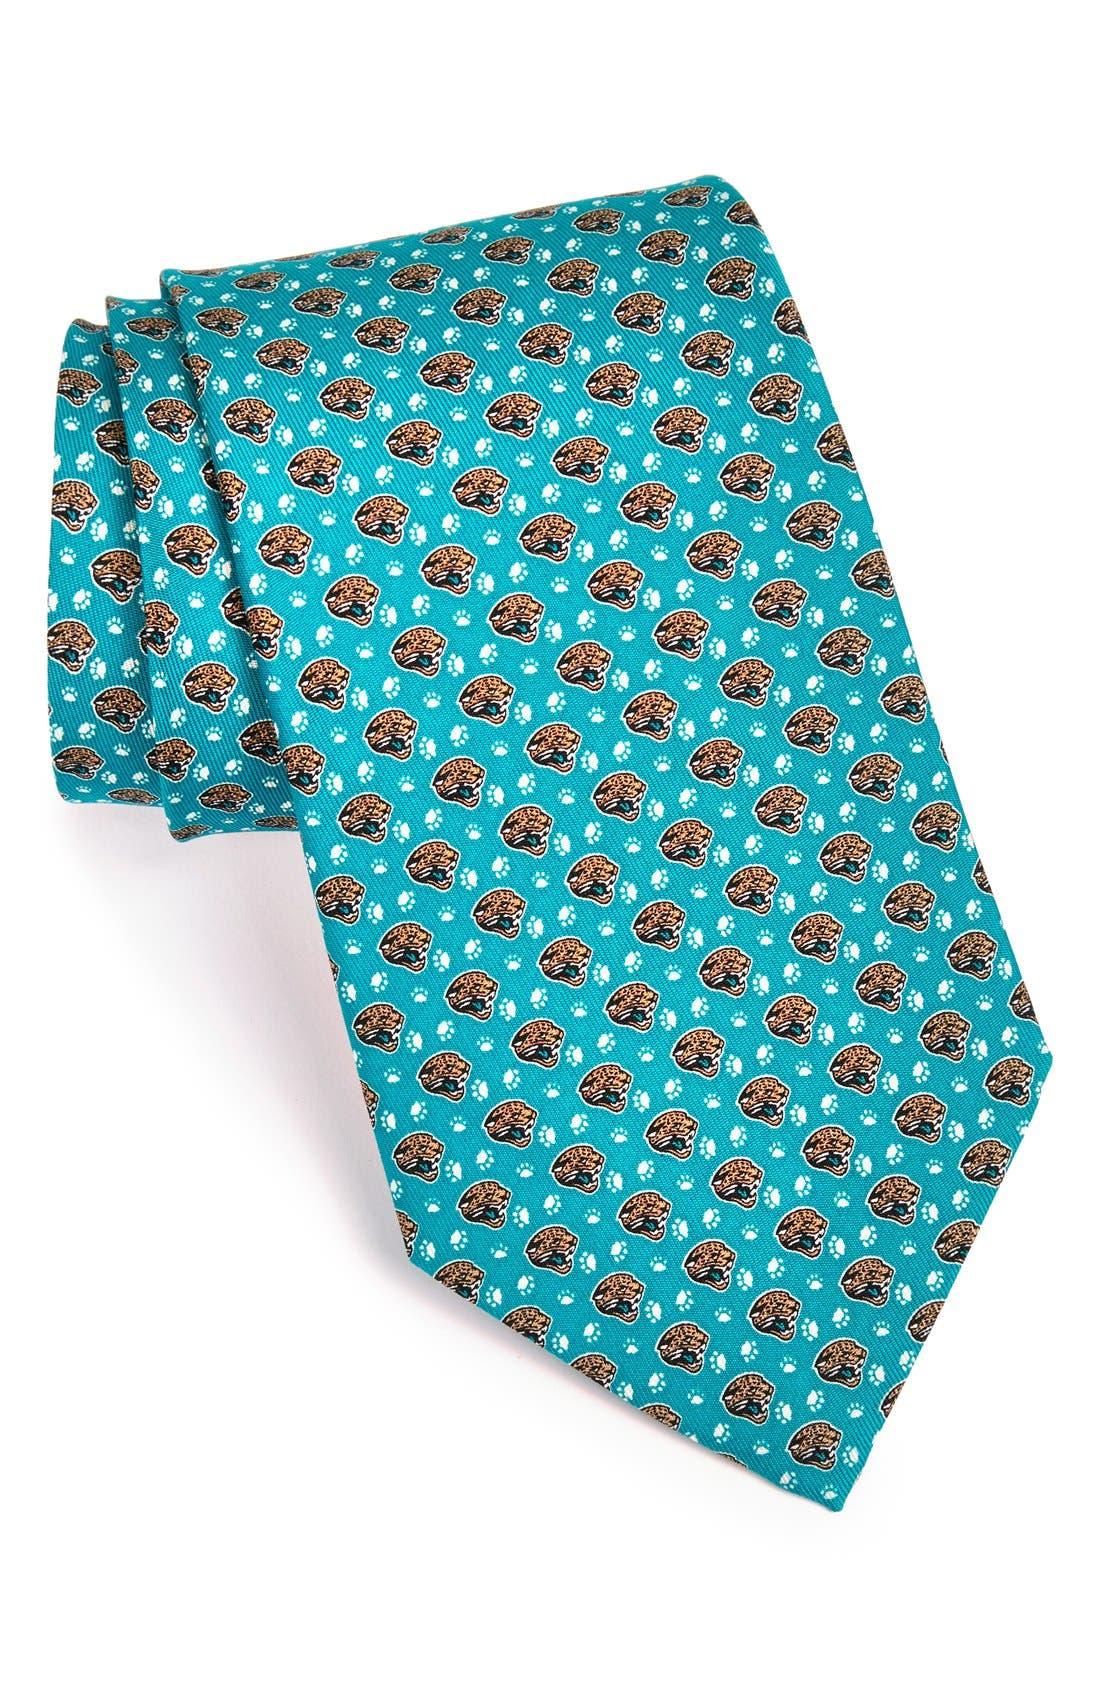 Jacksonville Jaguars - NFL Woven Silk Tie,                             Main thumbnail 1, color,                             453